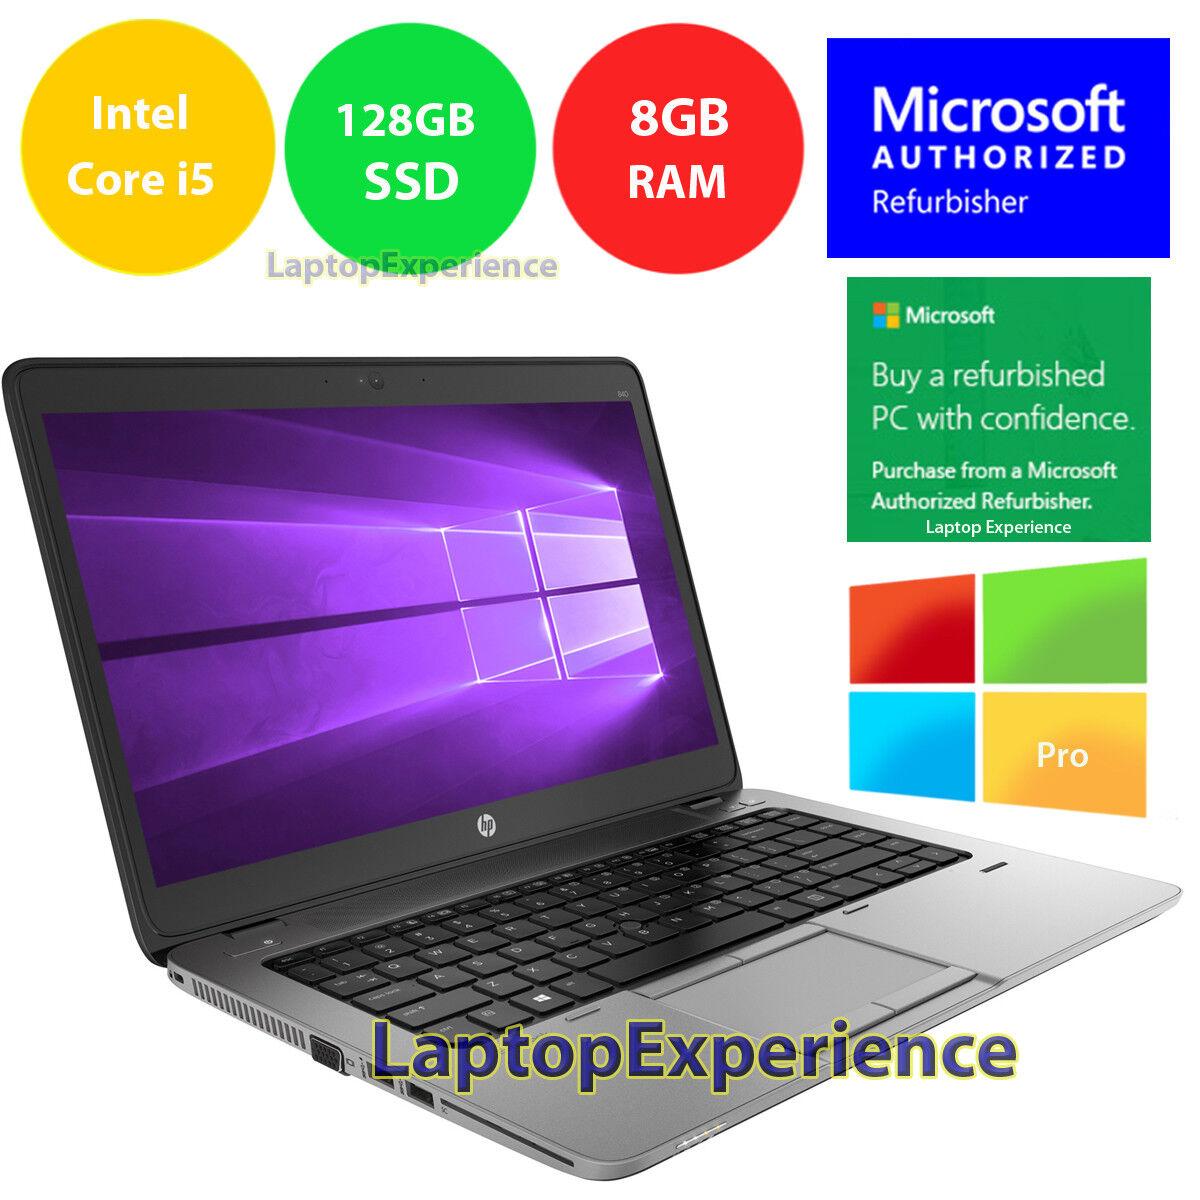 Laptop Windows - HP LAPTOP 840 G1 ELITEBOOK WINDOWS 10 PRO WIN INTEL i5 WEBCAM WiFi 8GB 128GB SSD